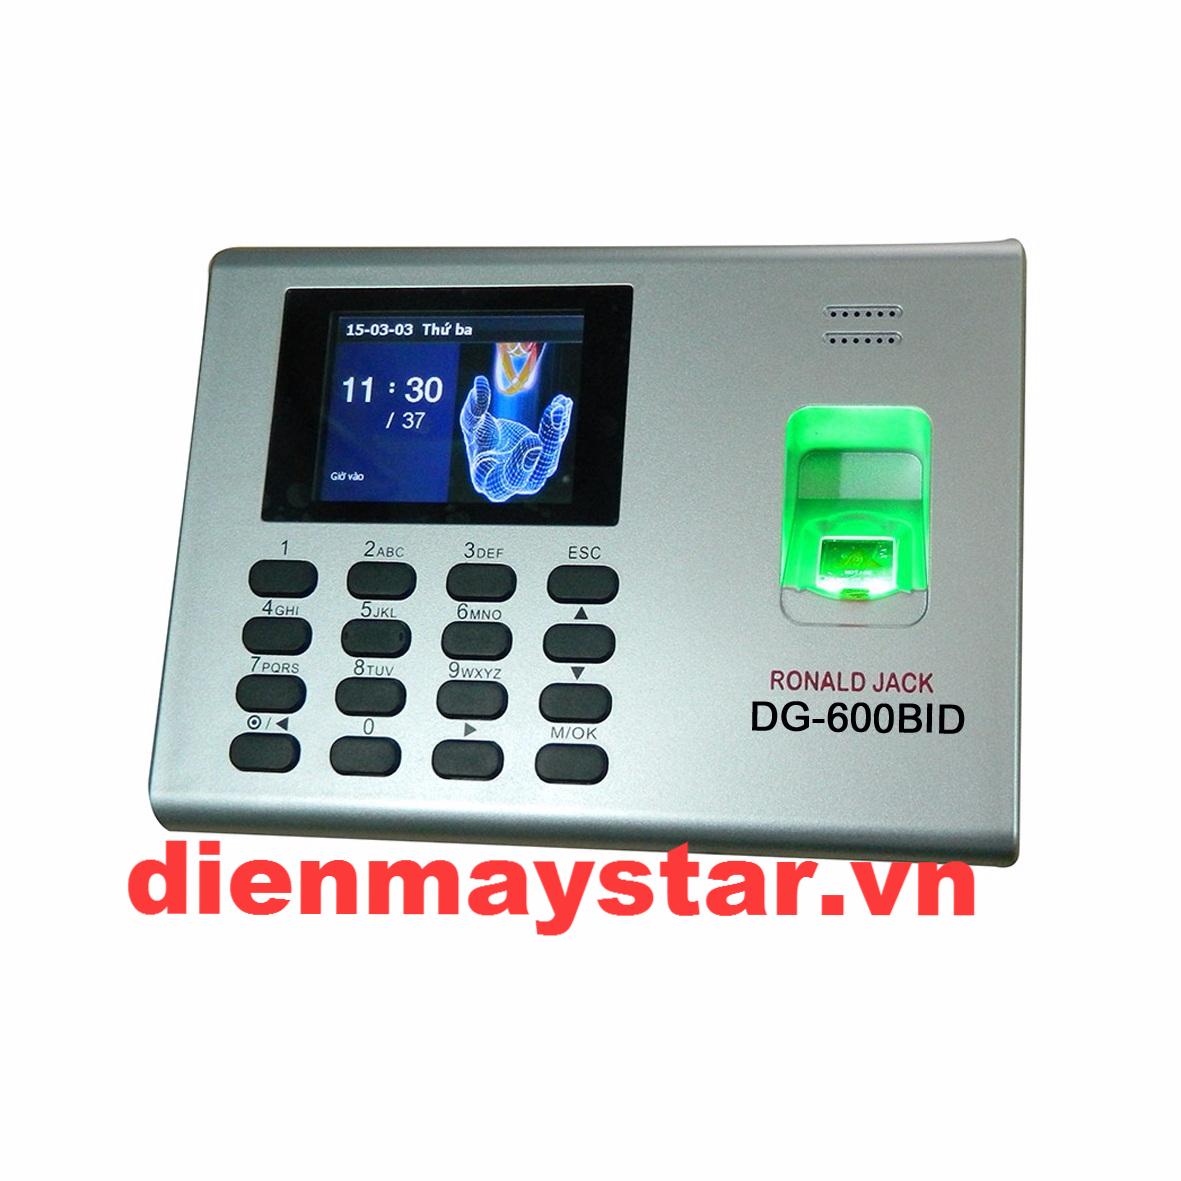 Máy chấm công vân tay và thẻ cảm ứng RONALD JACK DG-600BID